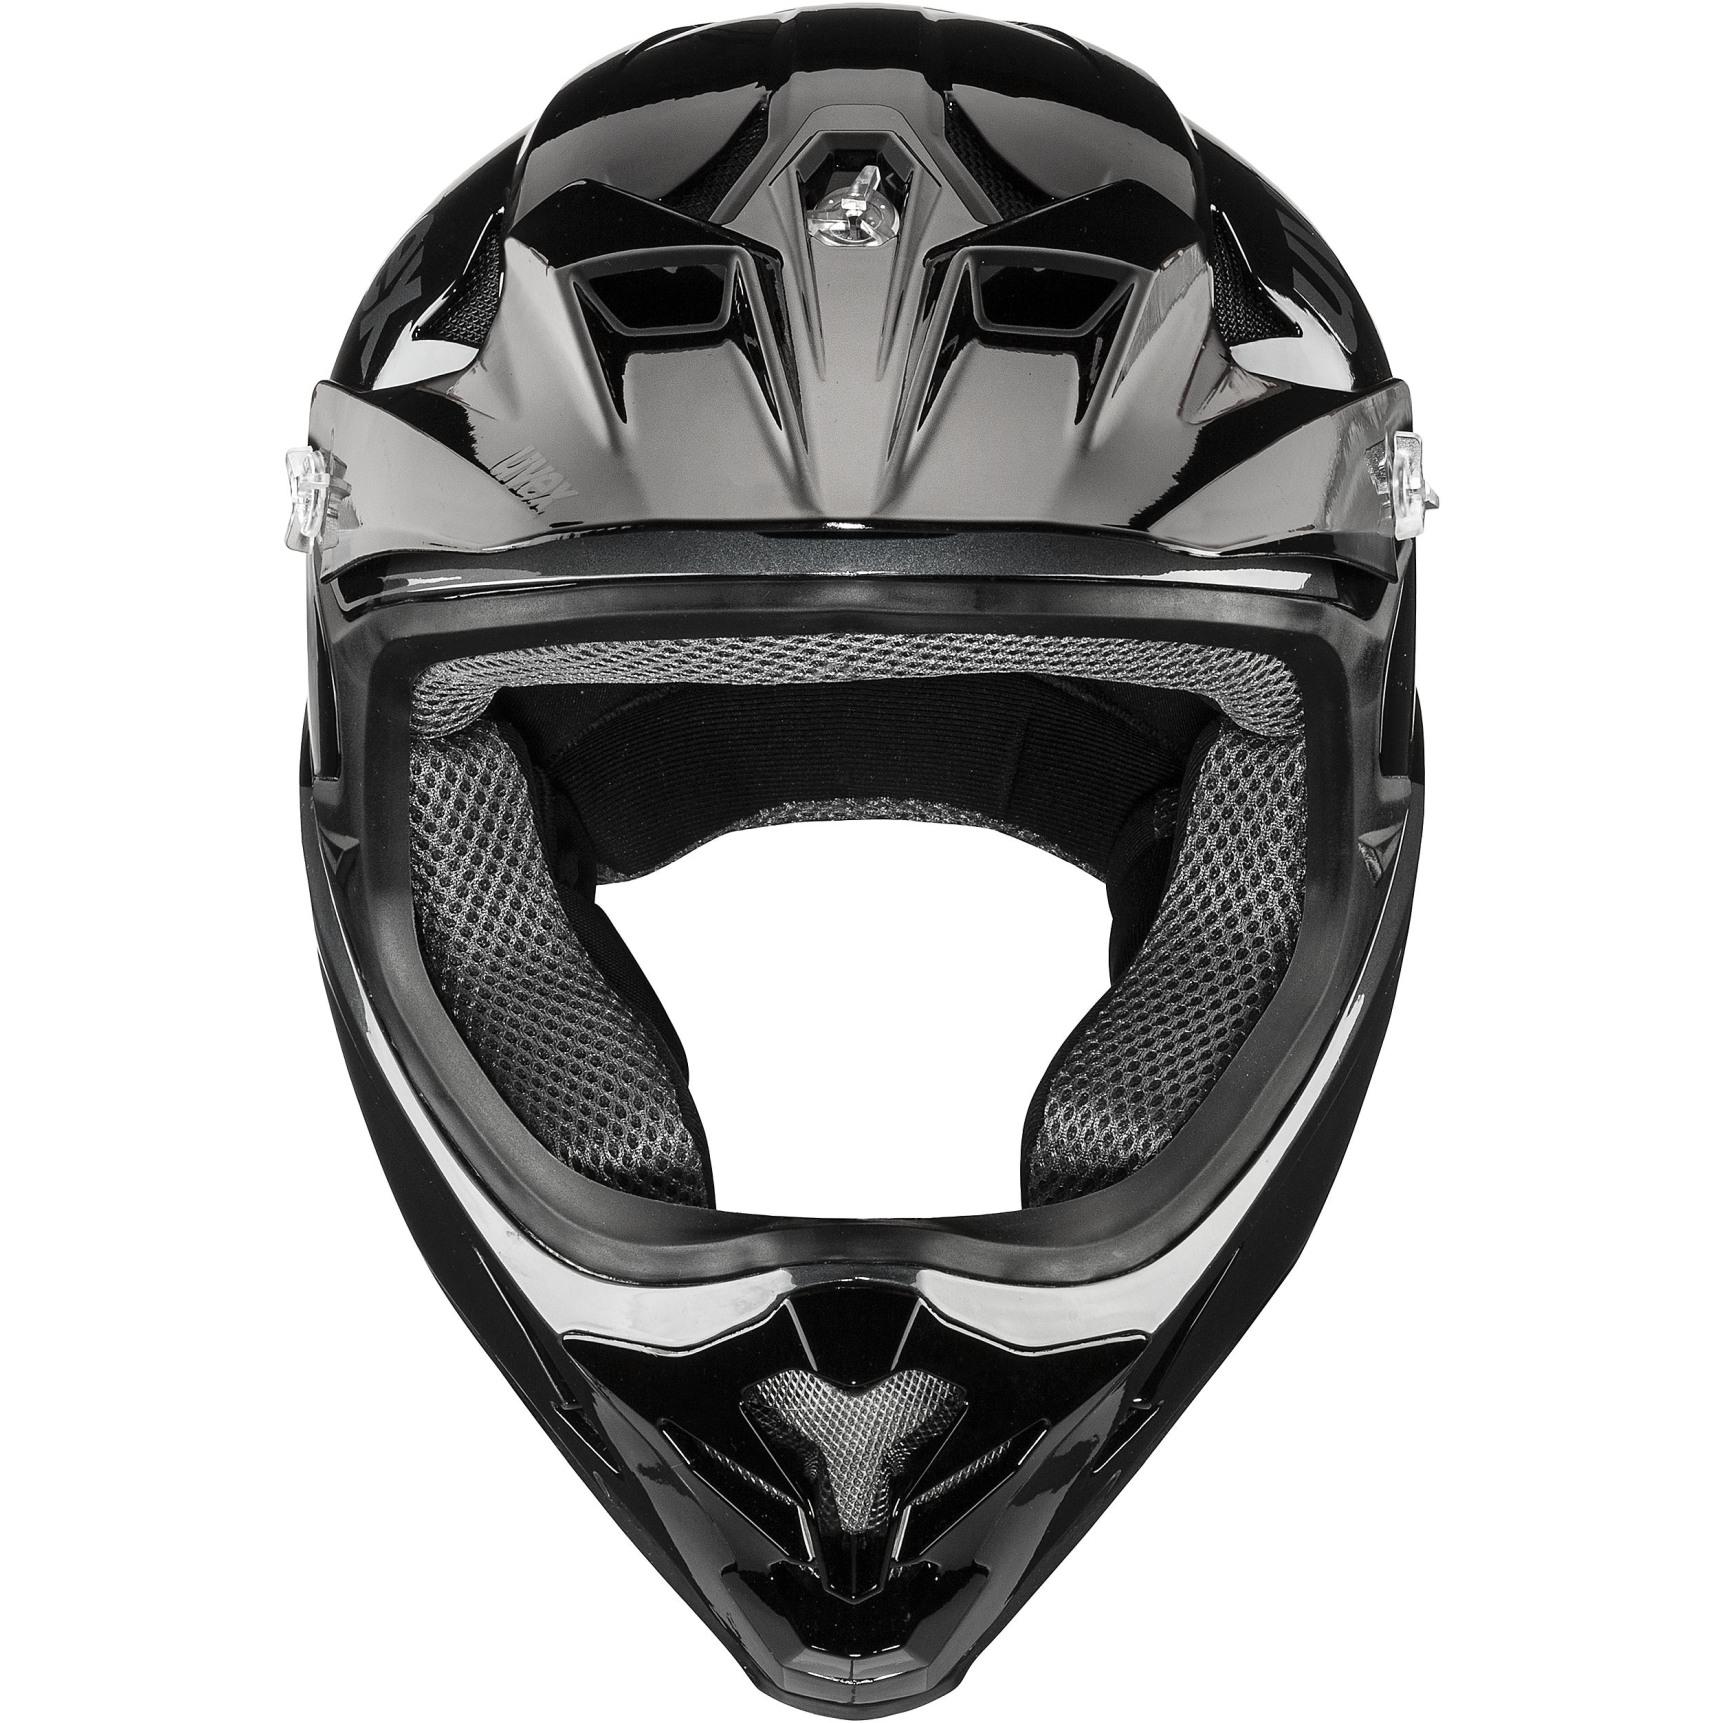 Image of Uvex hlmt 10 bike Helmet - black grey